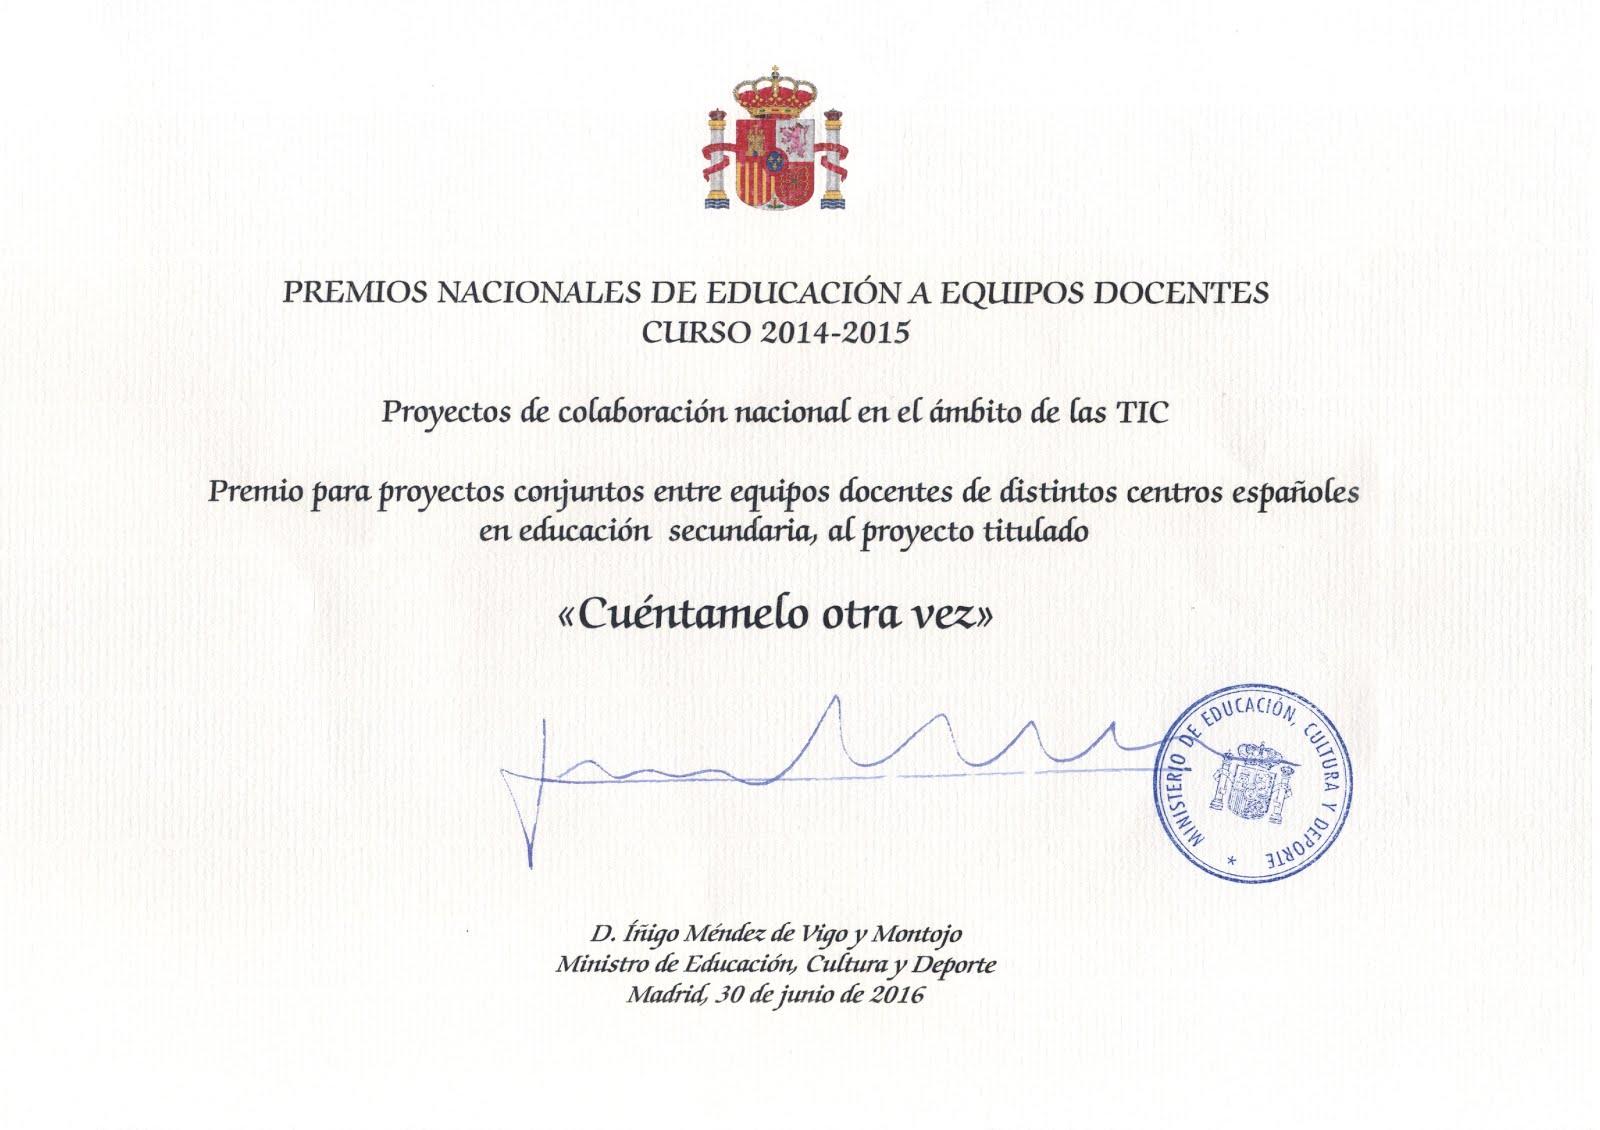 PREMIO NACIONAL DE EDUCACIÓN A EQUIPOS DOCENTES 2014/2015